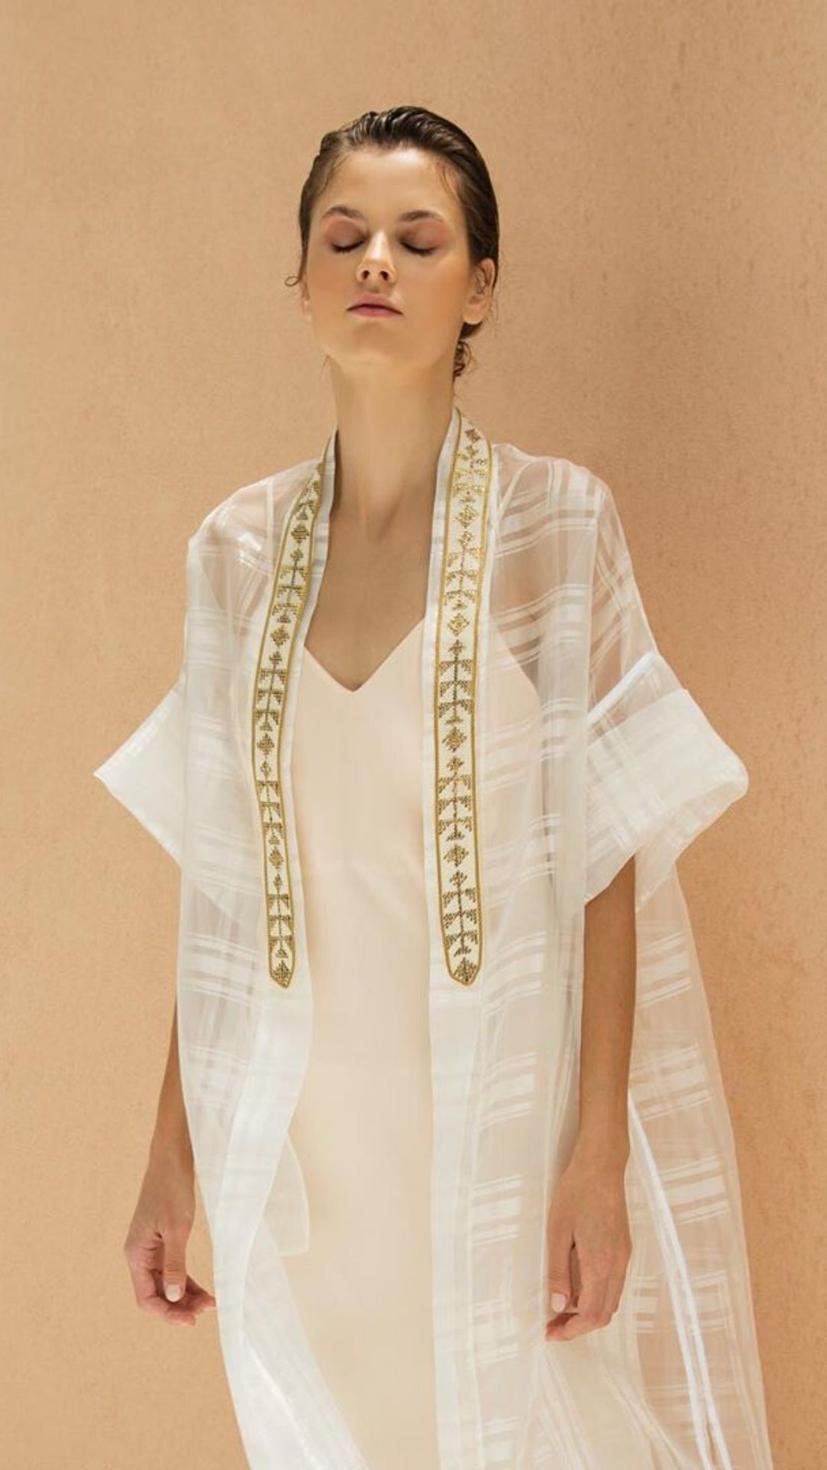 Saudi Designers, Jeddah, Riyadh, Arwa Al Banawi, Luxury, Eid, Eid Holiday, Fashion, Daneh, Abadia, Nora Al Shaikh